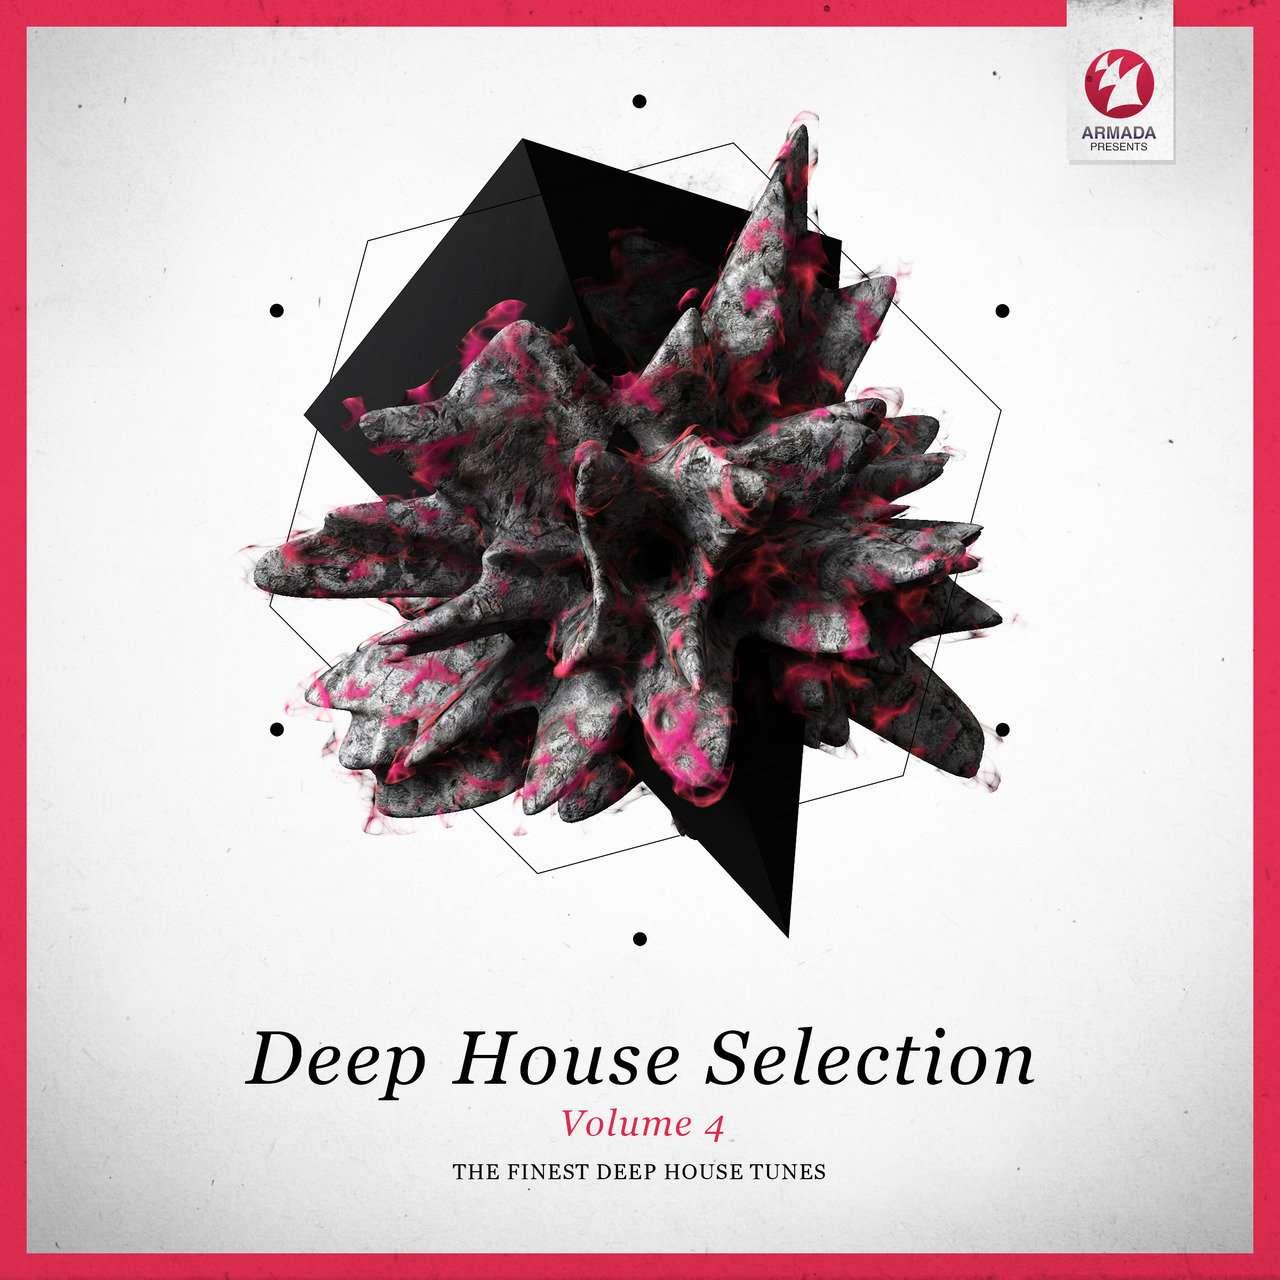 Armada《Armada Deep House Selection Vol. 4 (The Finest Deep House Tunes)》[CD级无损/44.1kHz/16bit]